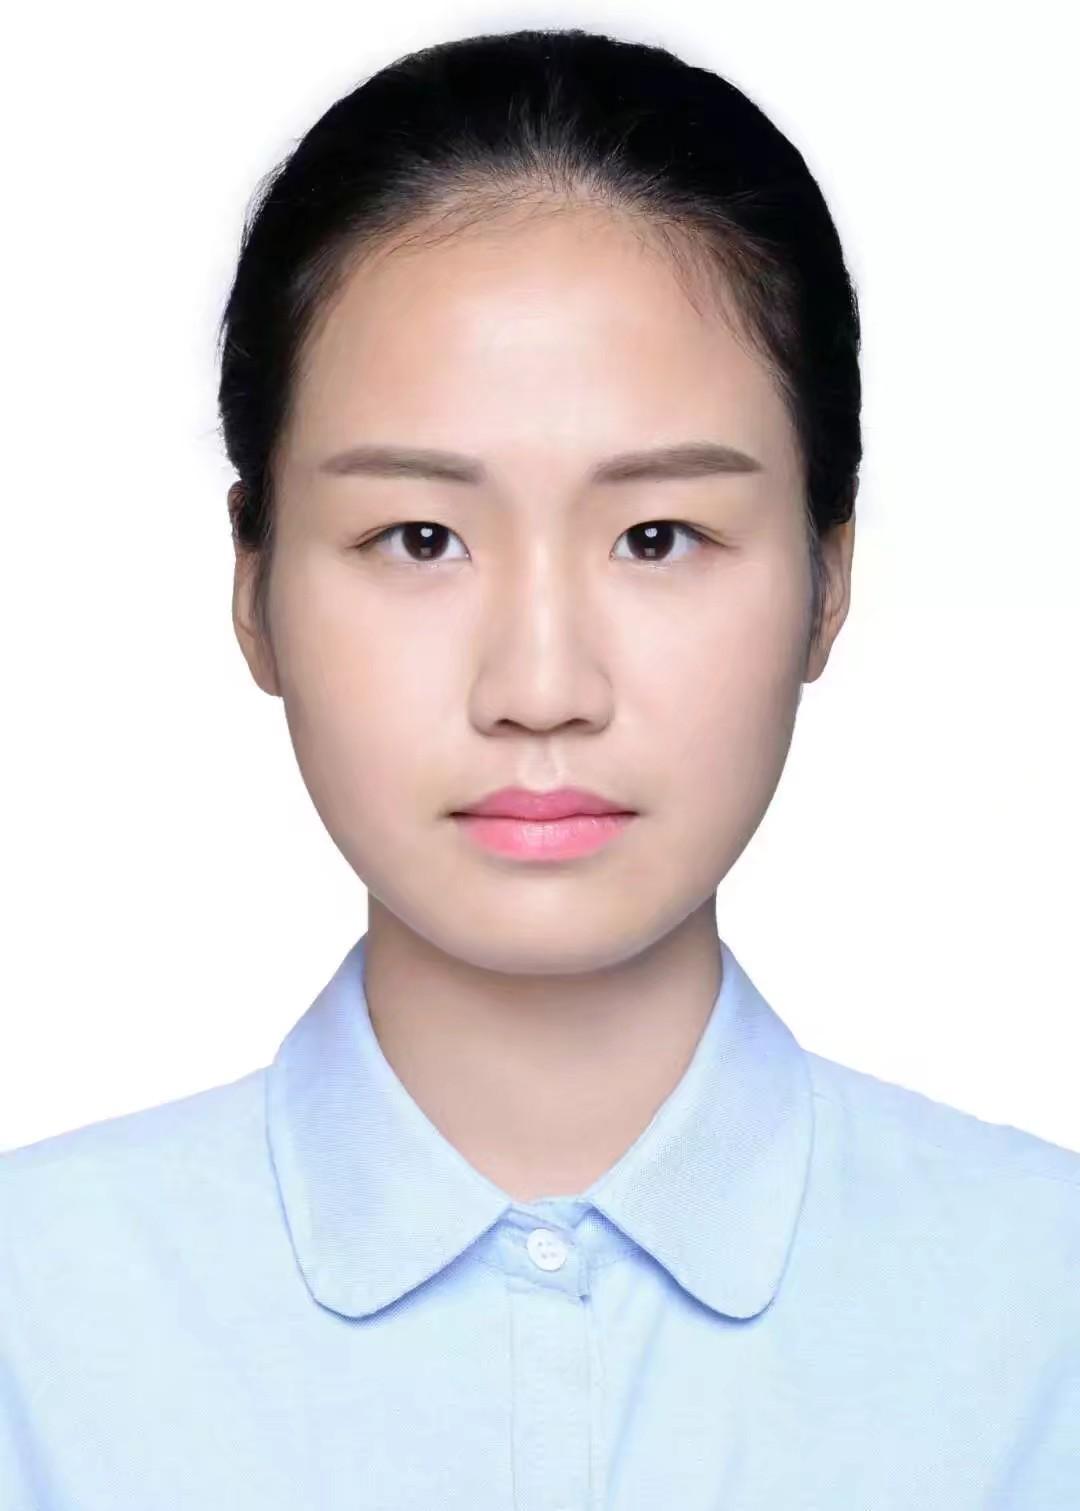 杭州家教刘教员